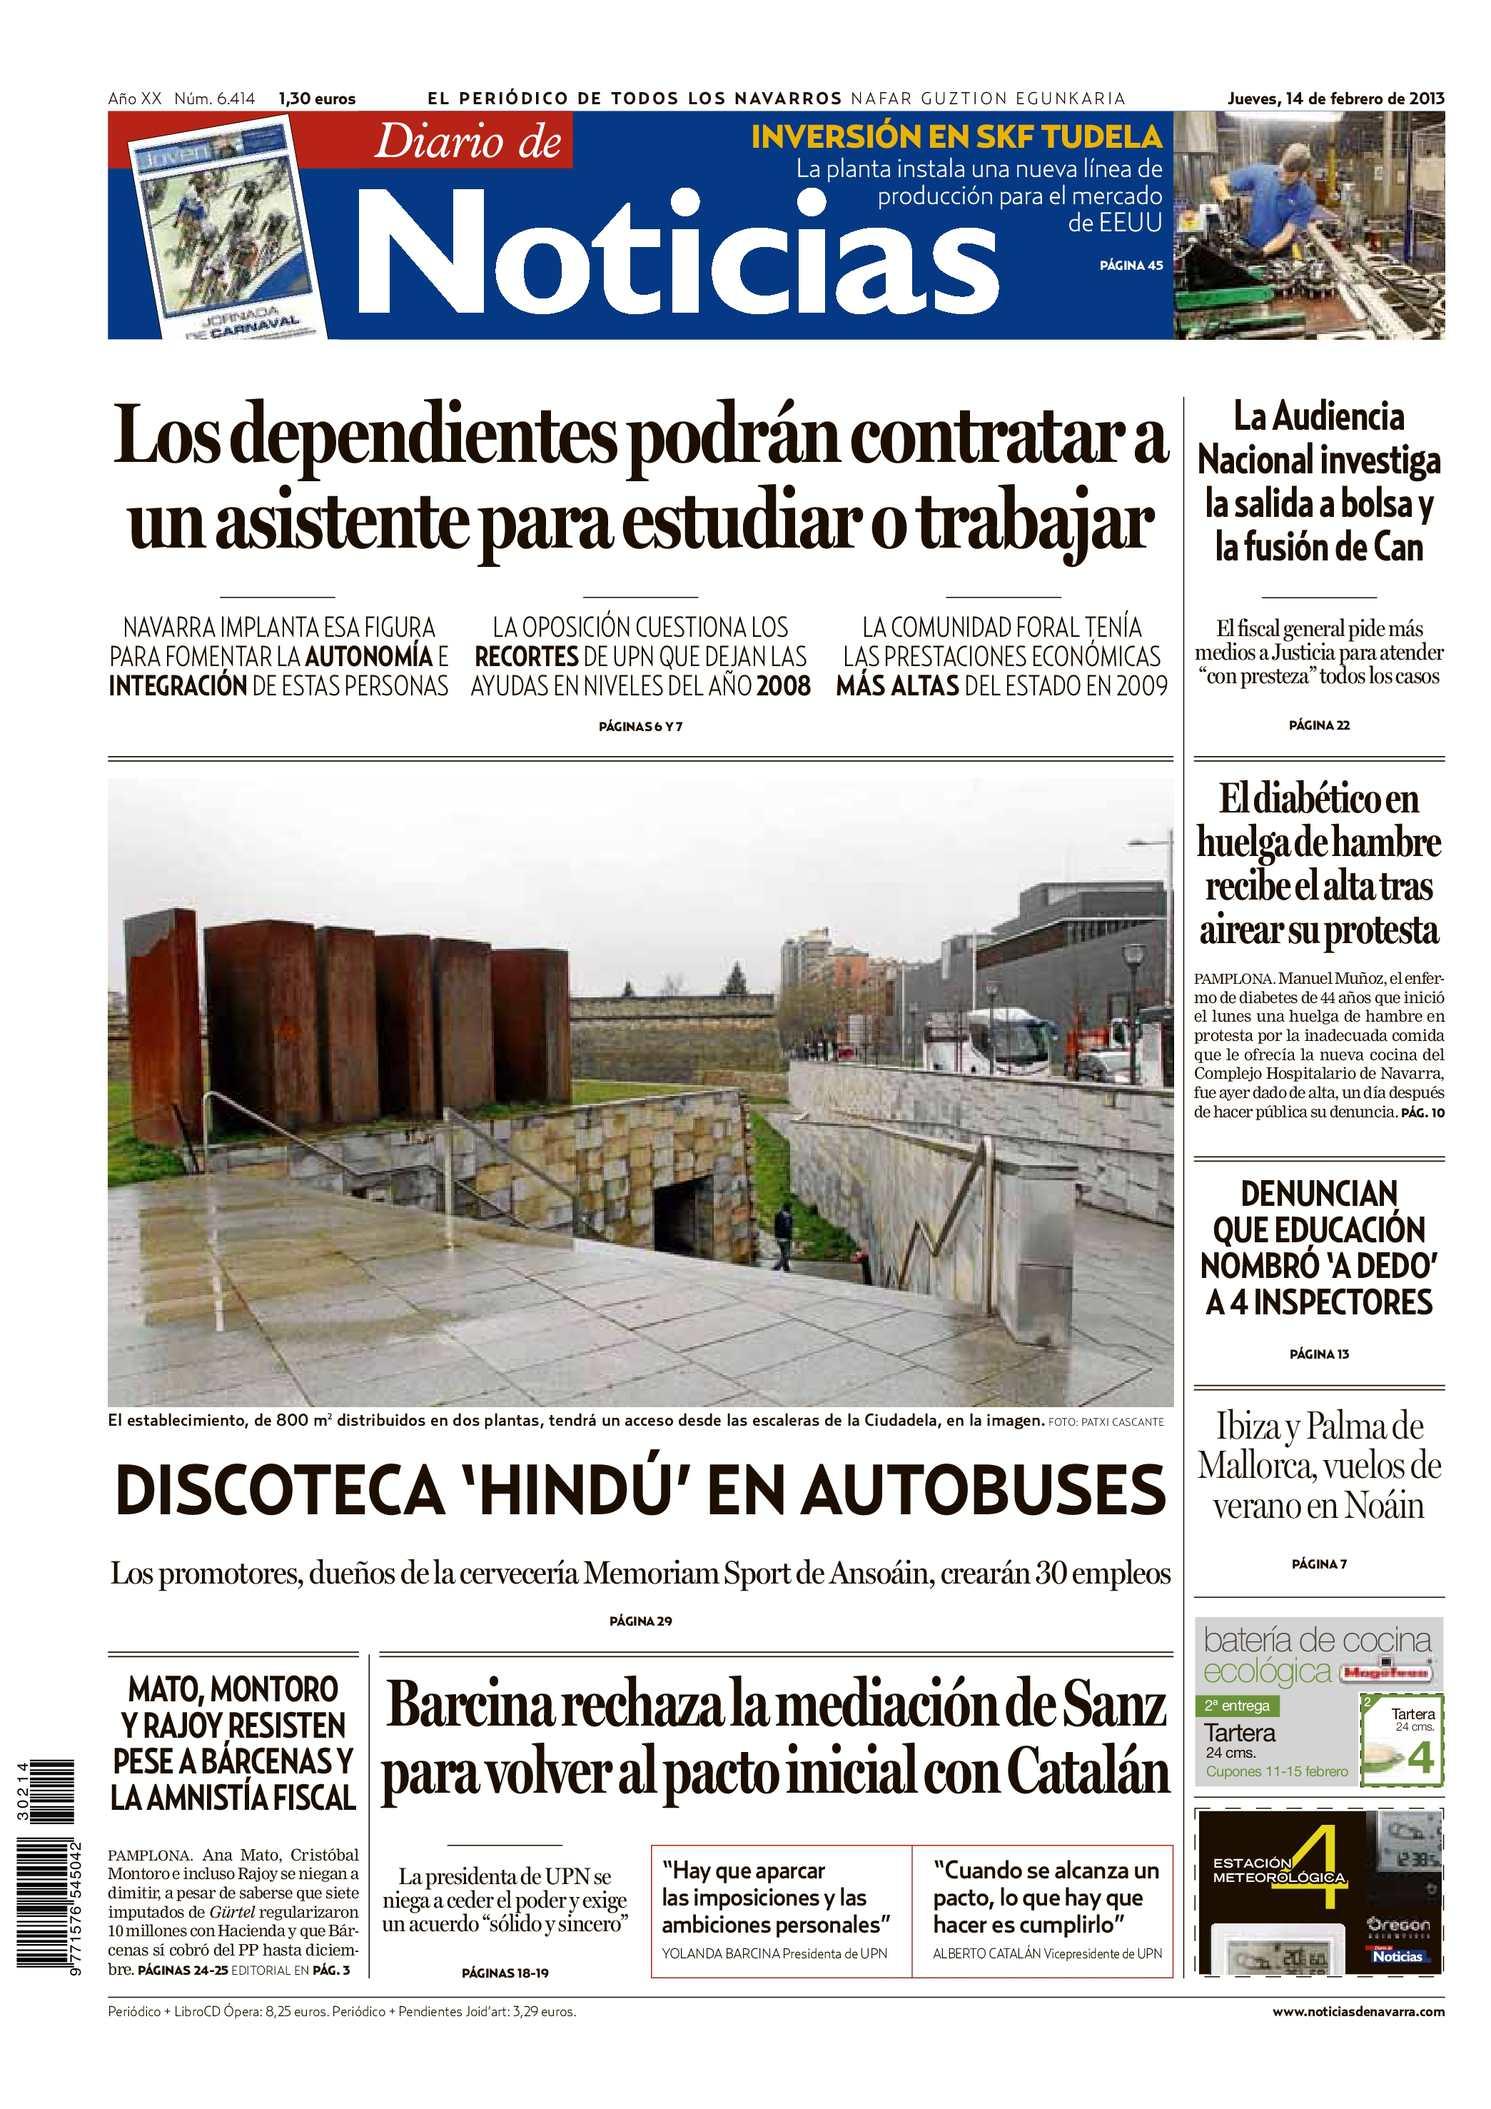 Calaméo - Diario de Noticias 20130214